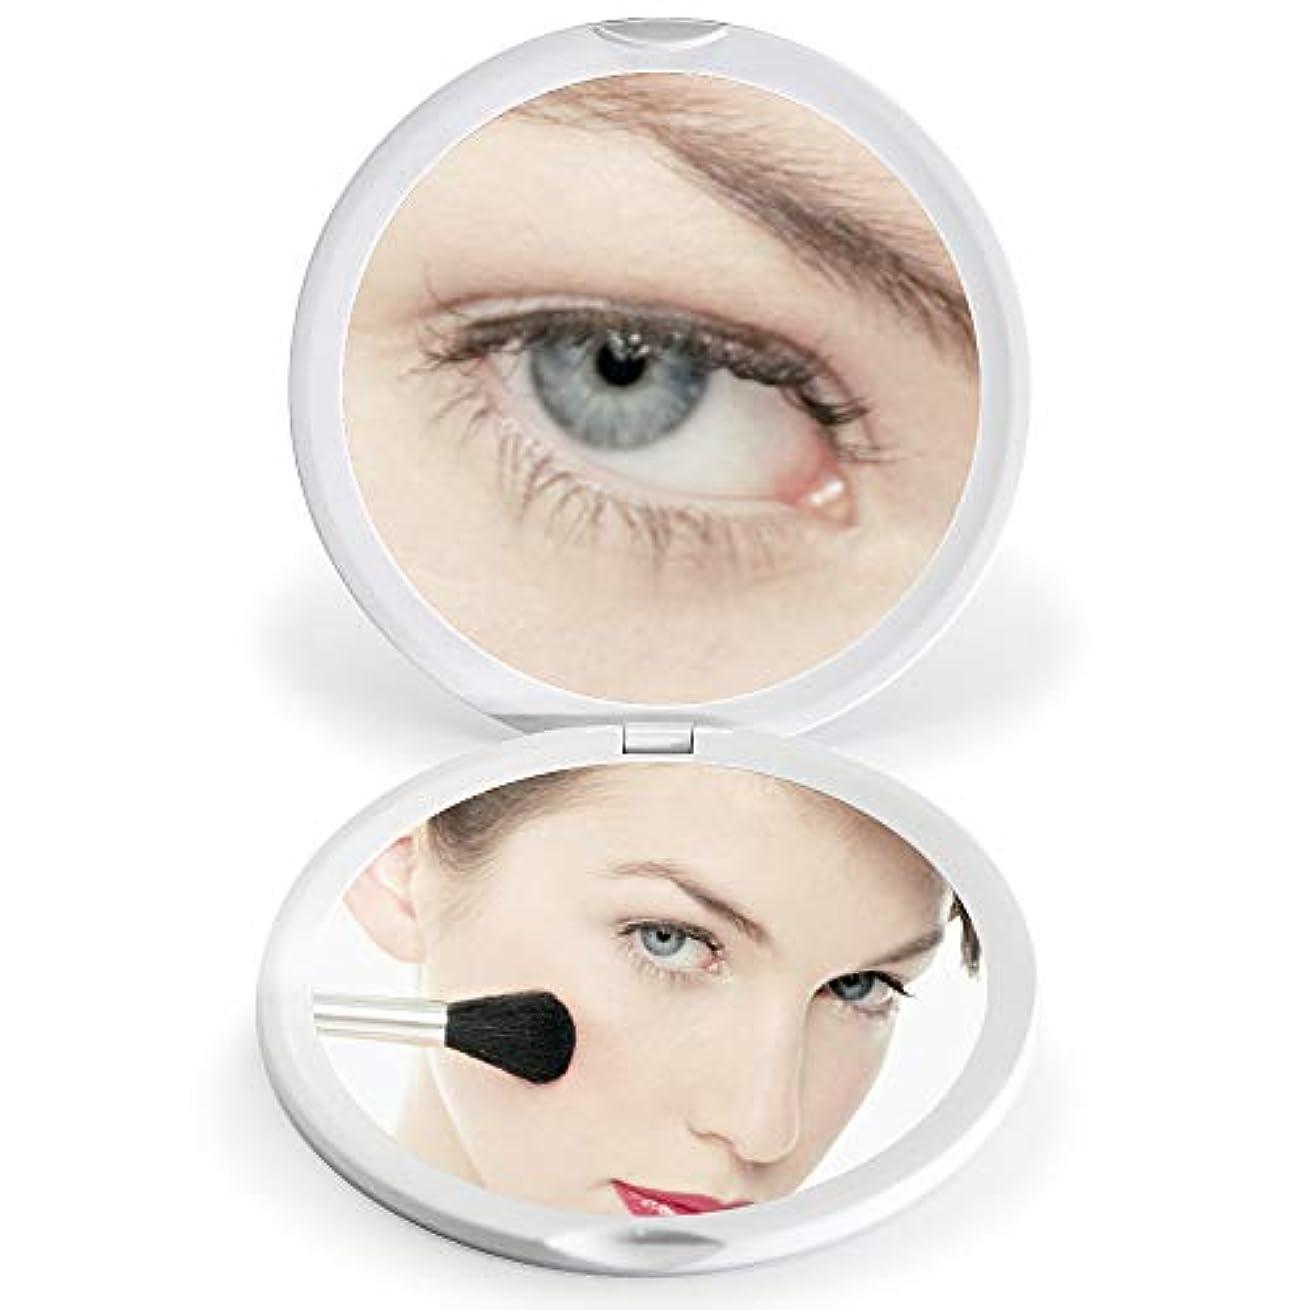 討論養うひらめきFASCINATE 化粧鏡 化粧ミラー 鏡 女優ミラー 拡大鏡 10倍 明るさ調節可能 電池給電 (ホワイト)